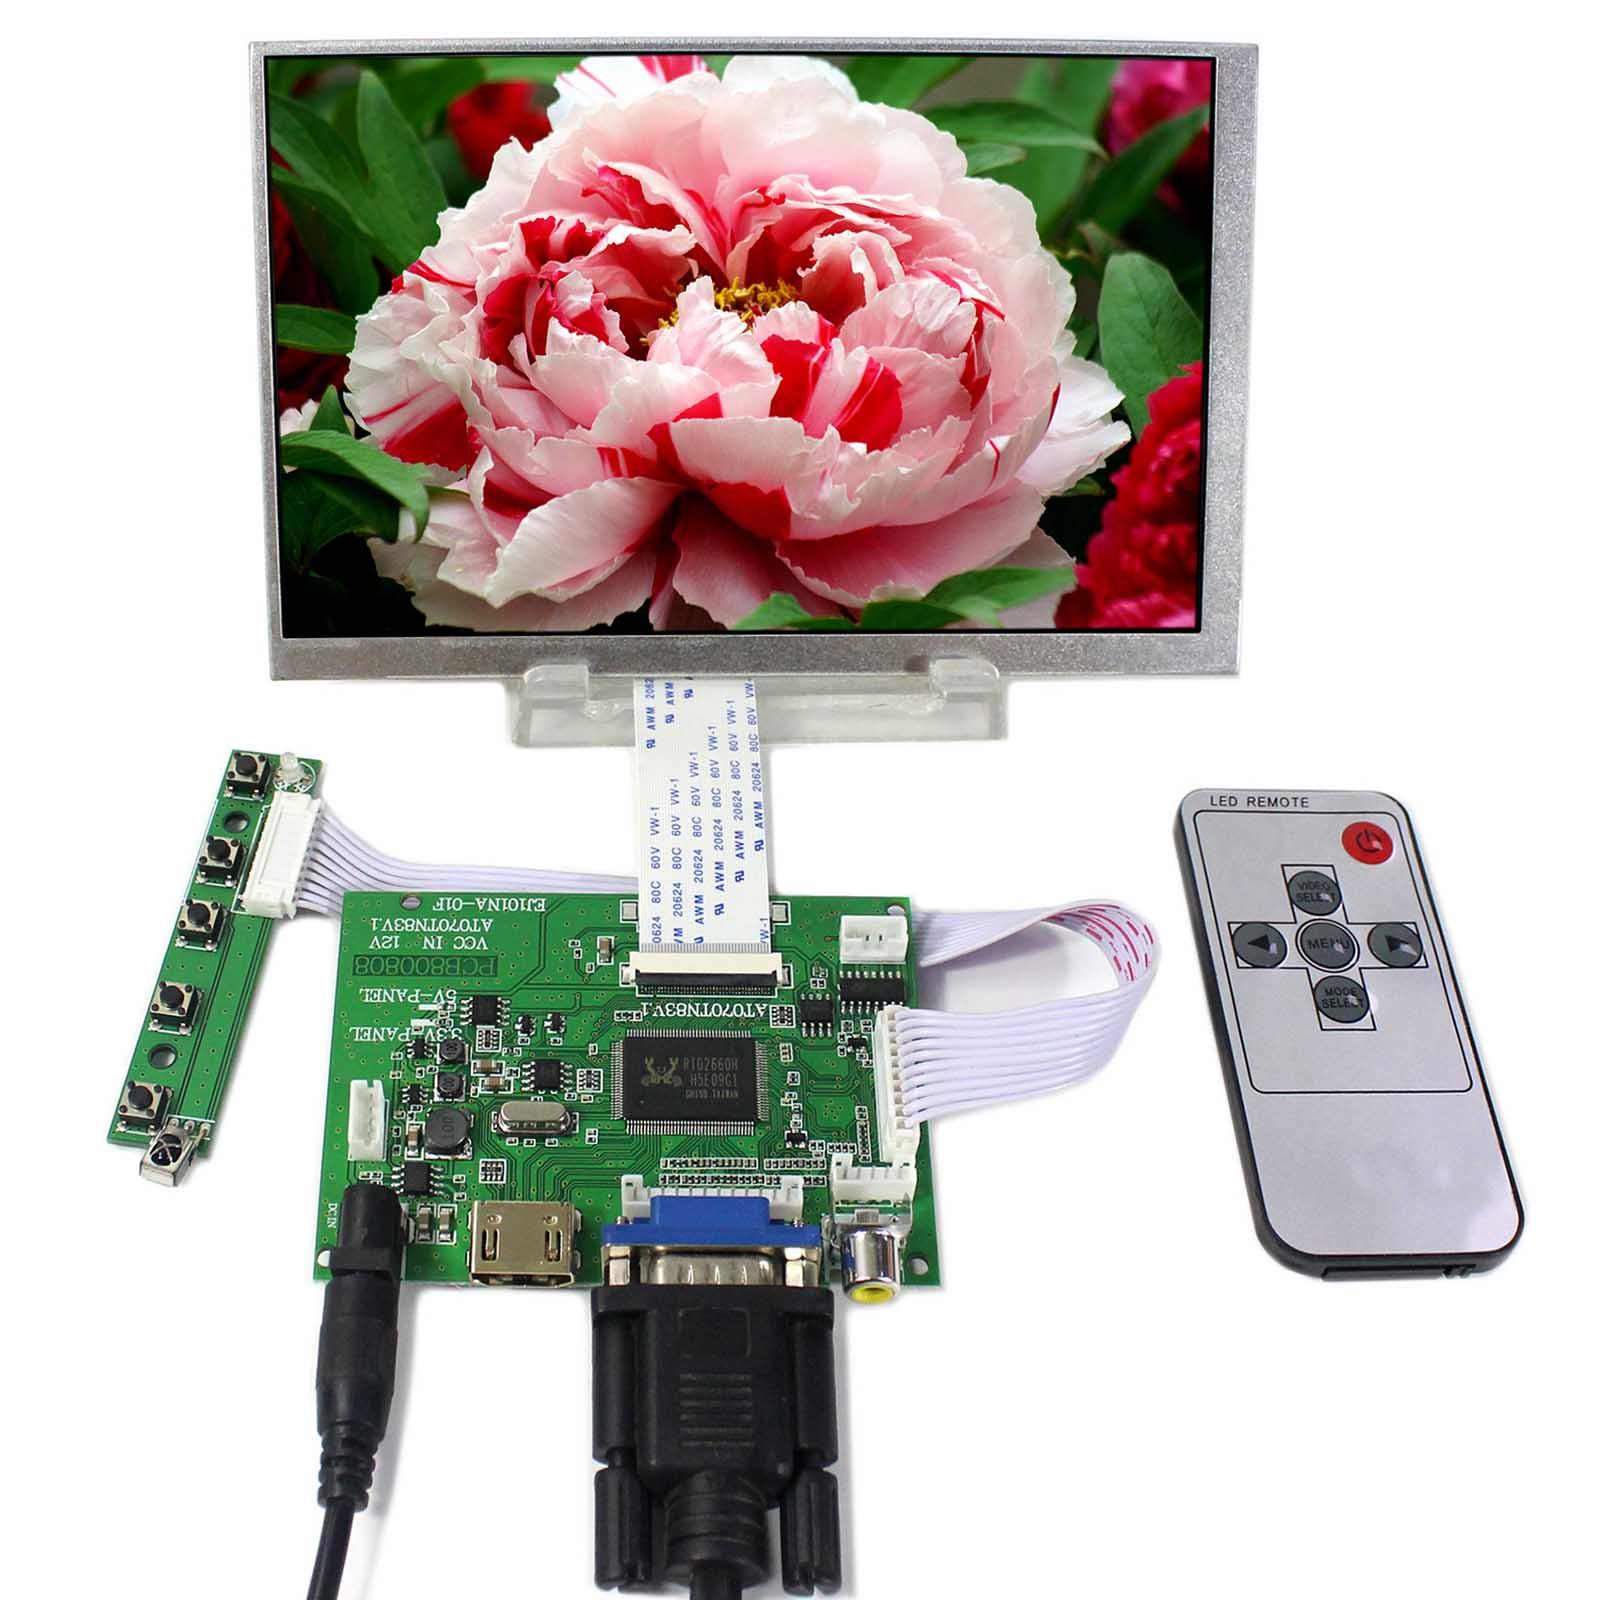 все цены на HDMI VGA 2AV LCD Controller Board With 7inch 800X480 AT070TN83 V1 LCD Screen онлайн